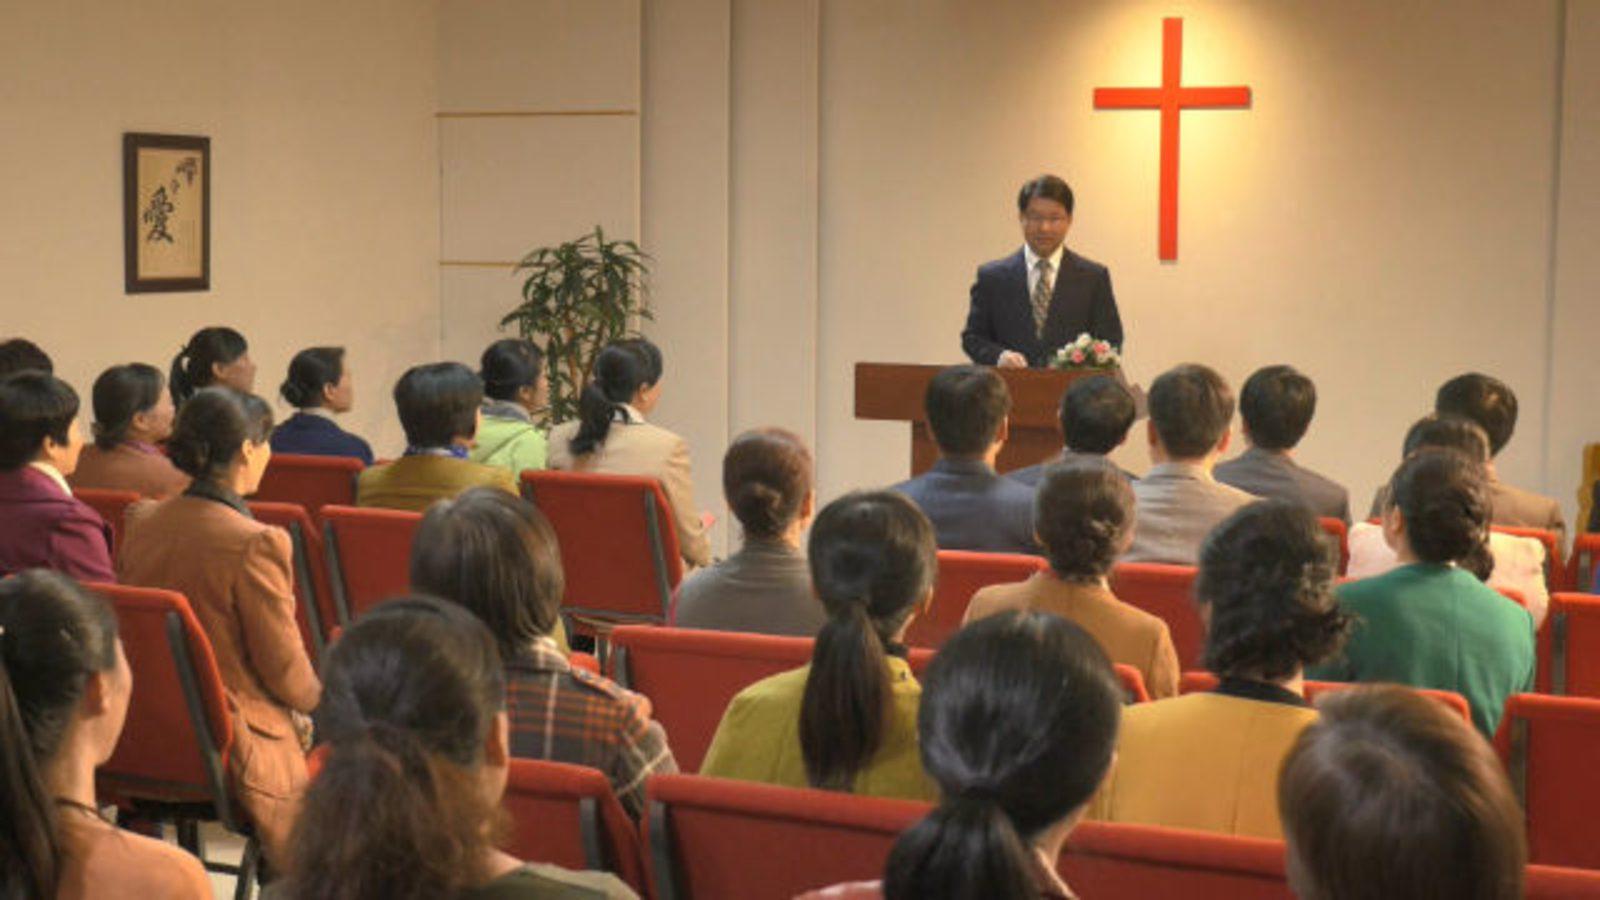 sermon-in-a-church